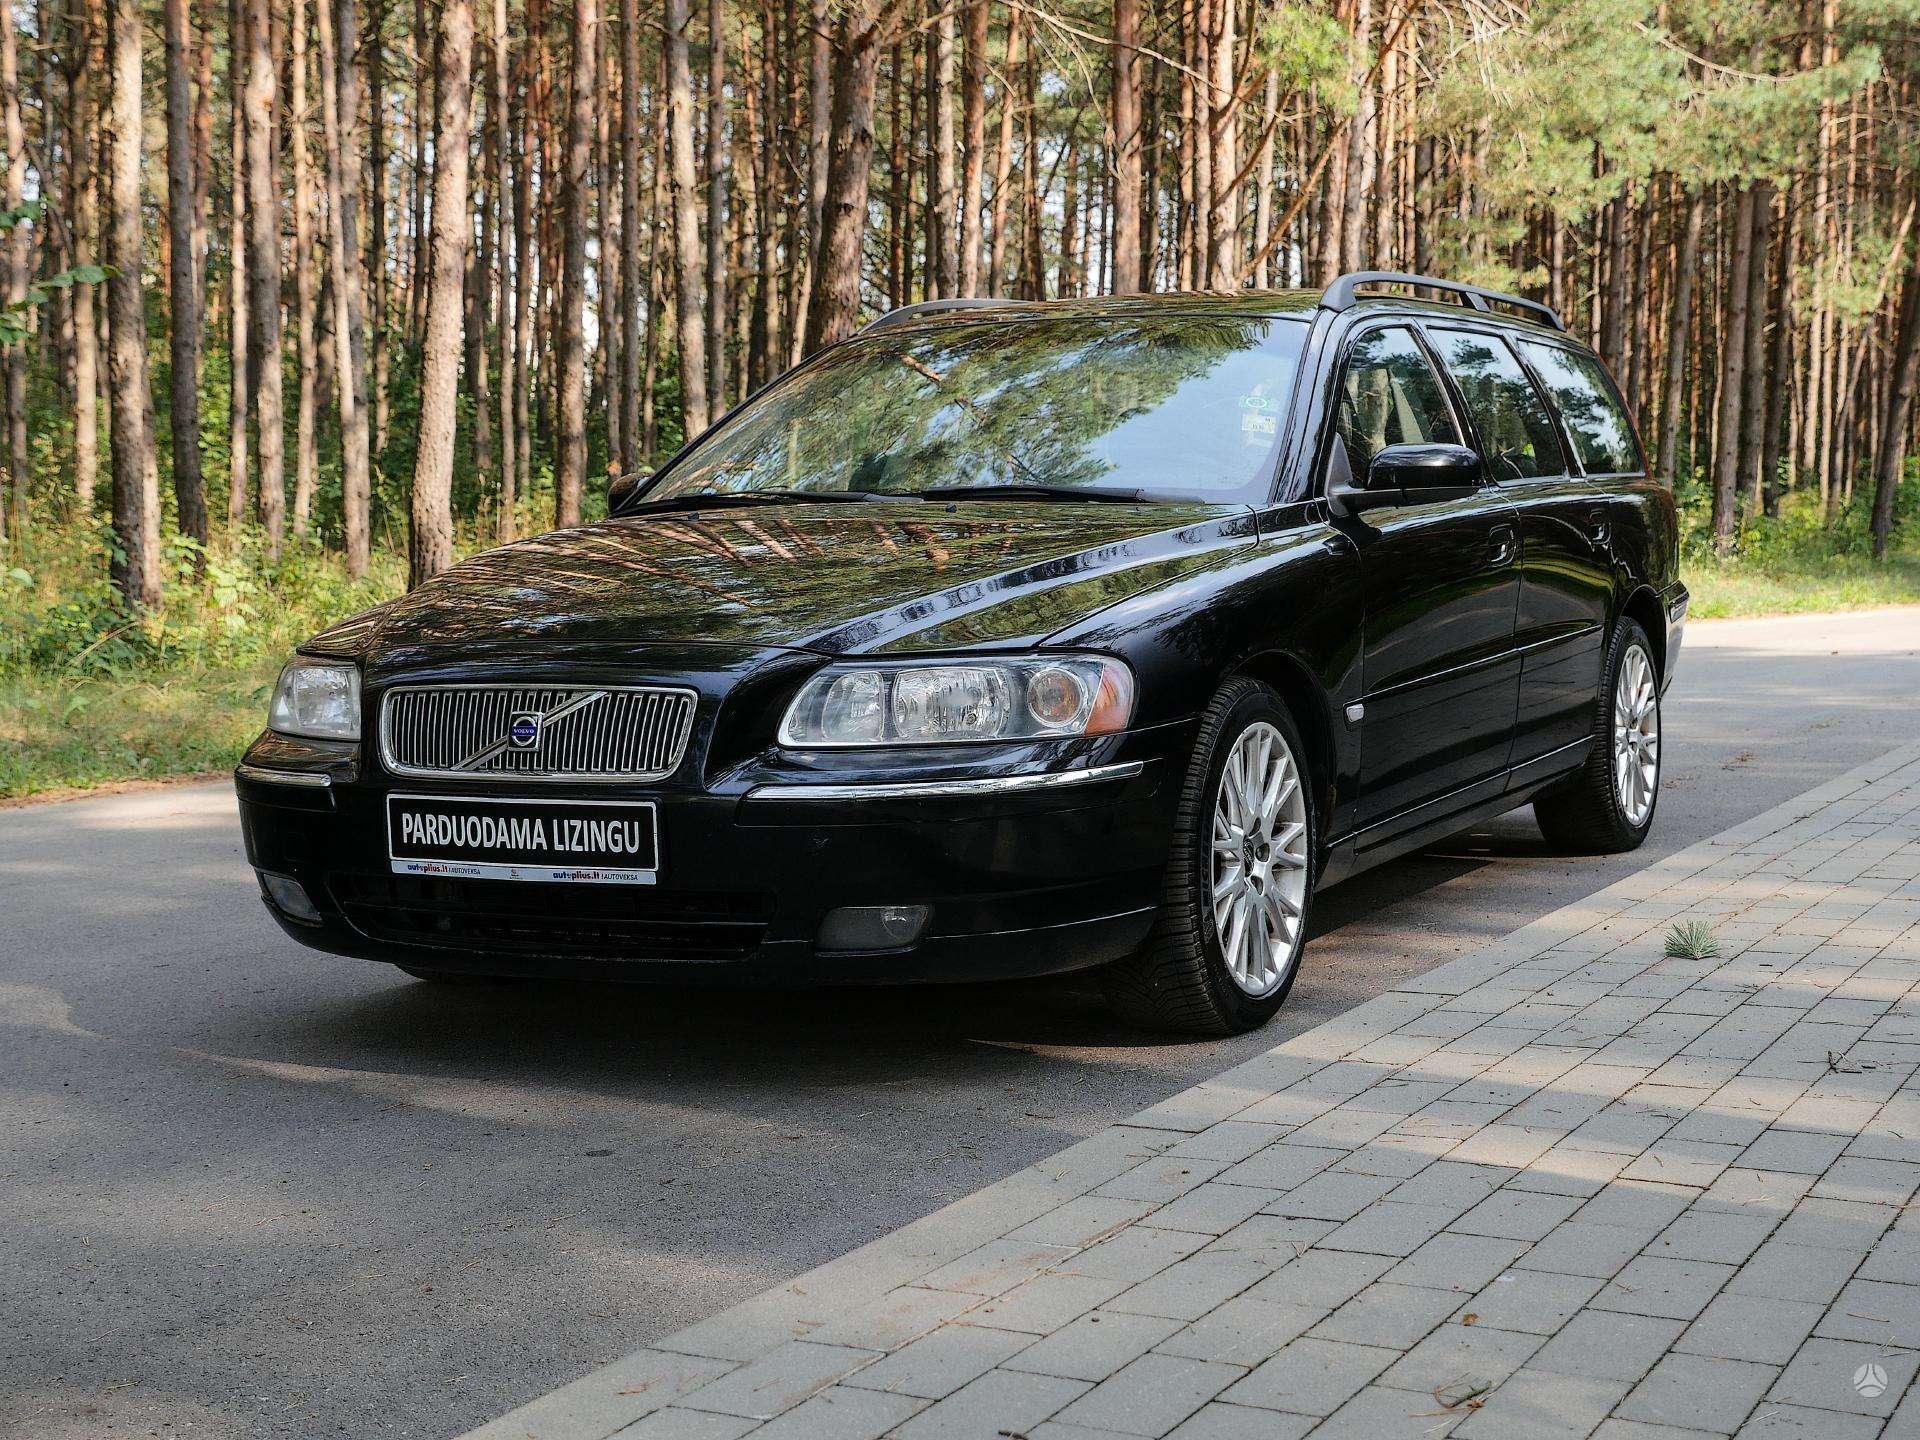 Volvo V70 Išsimokėtinai nuo 58Eur/Mėn su 3 mėnesių garantija